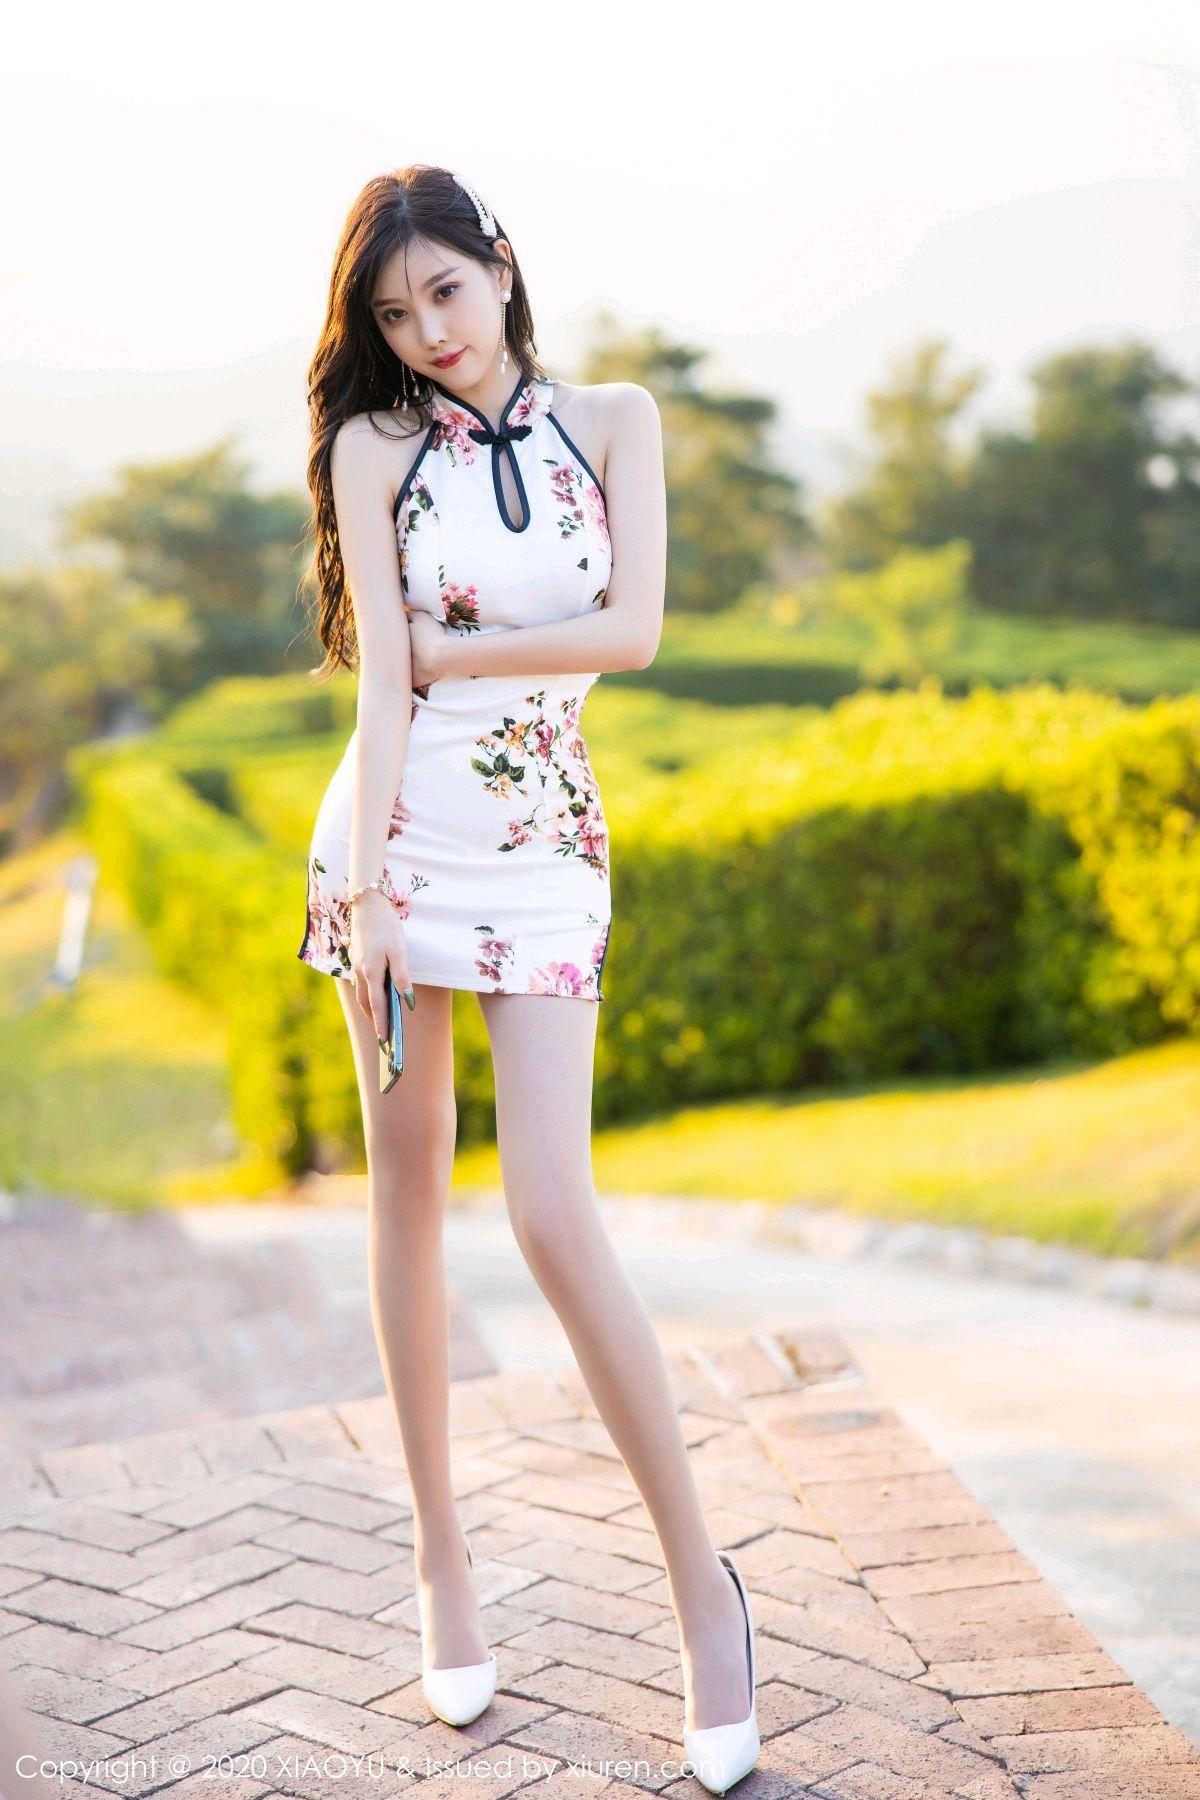 [XiaoYu] Vol.233 Yang Chen Chen 2P, Cheongsam, Foot, XiaoYu, Yang Chen Chen